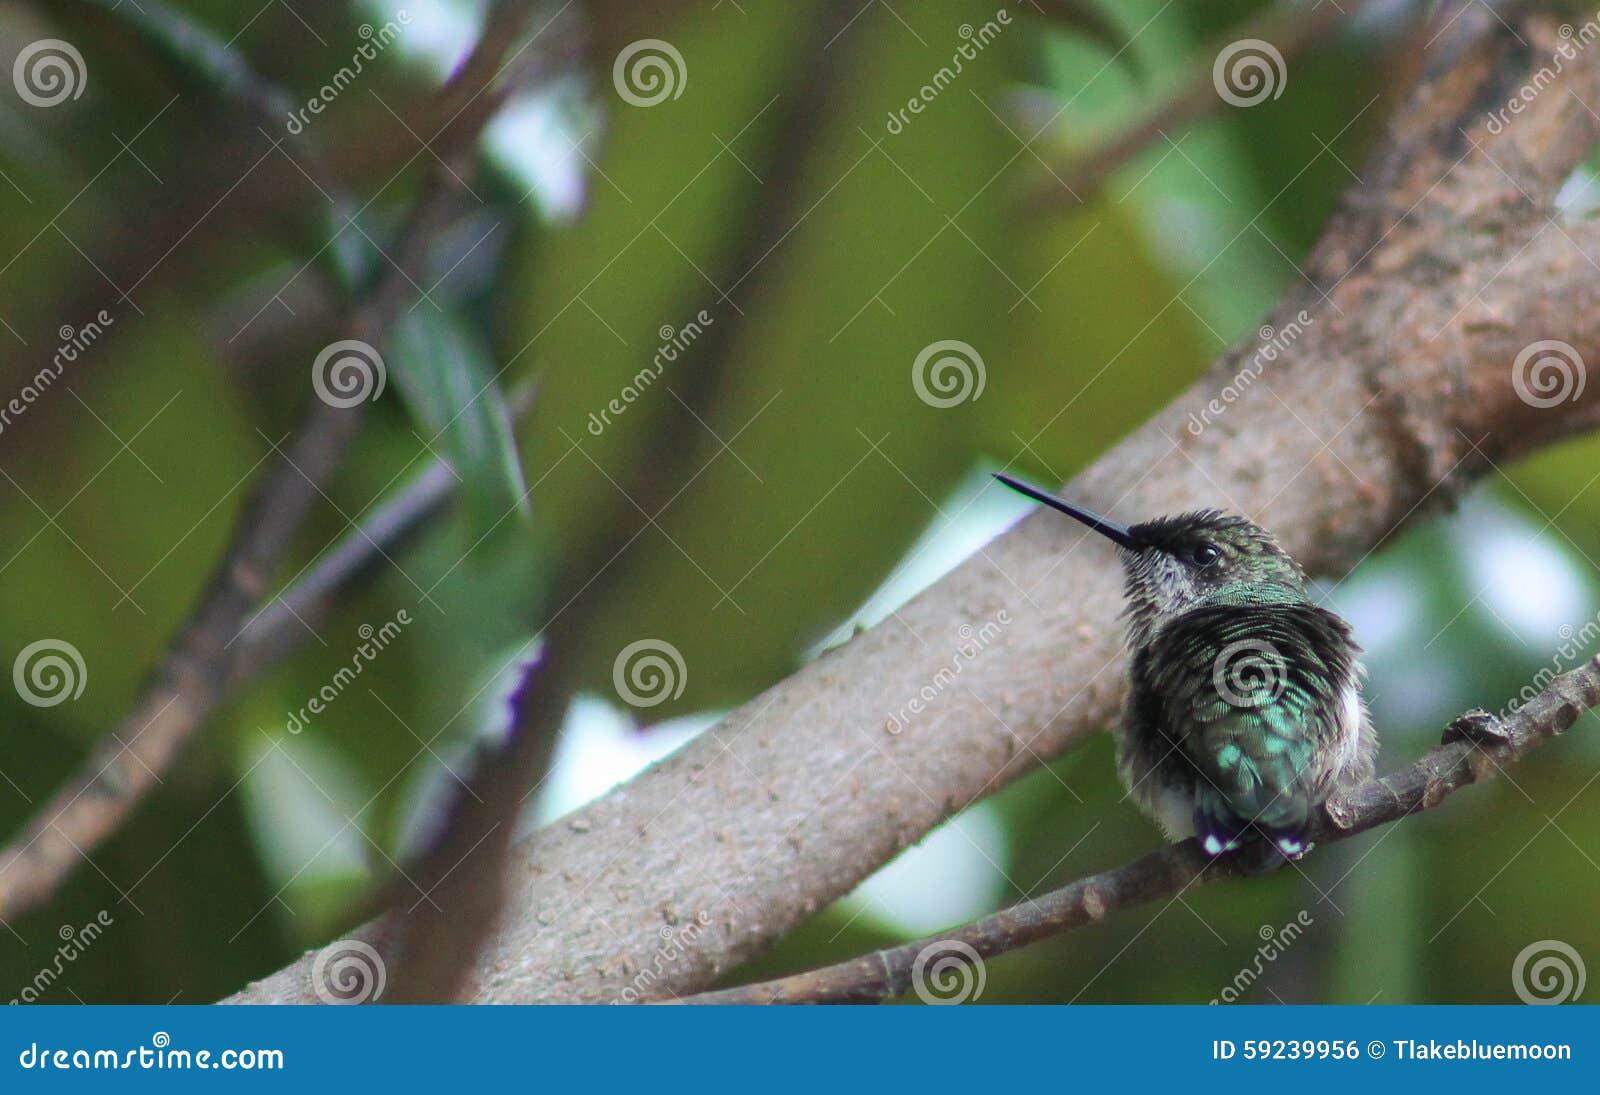 El colibrí mira a la izquierda